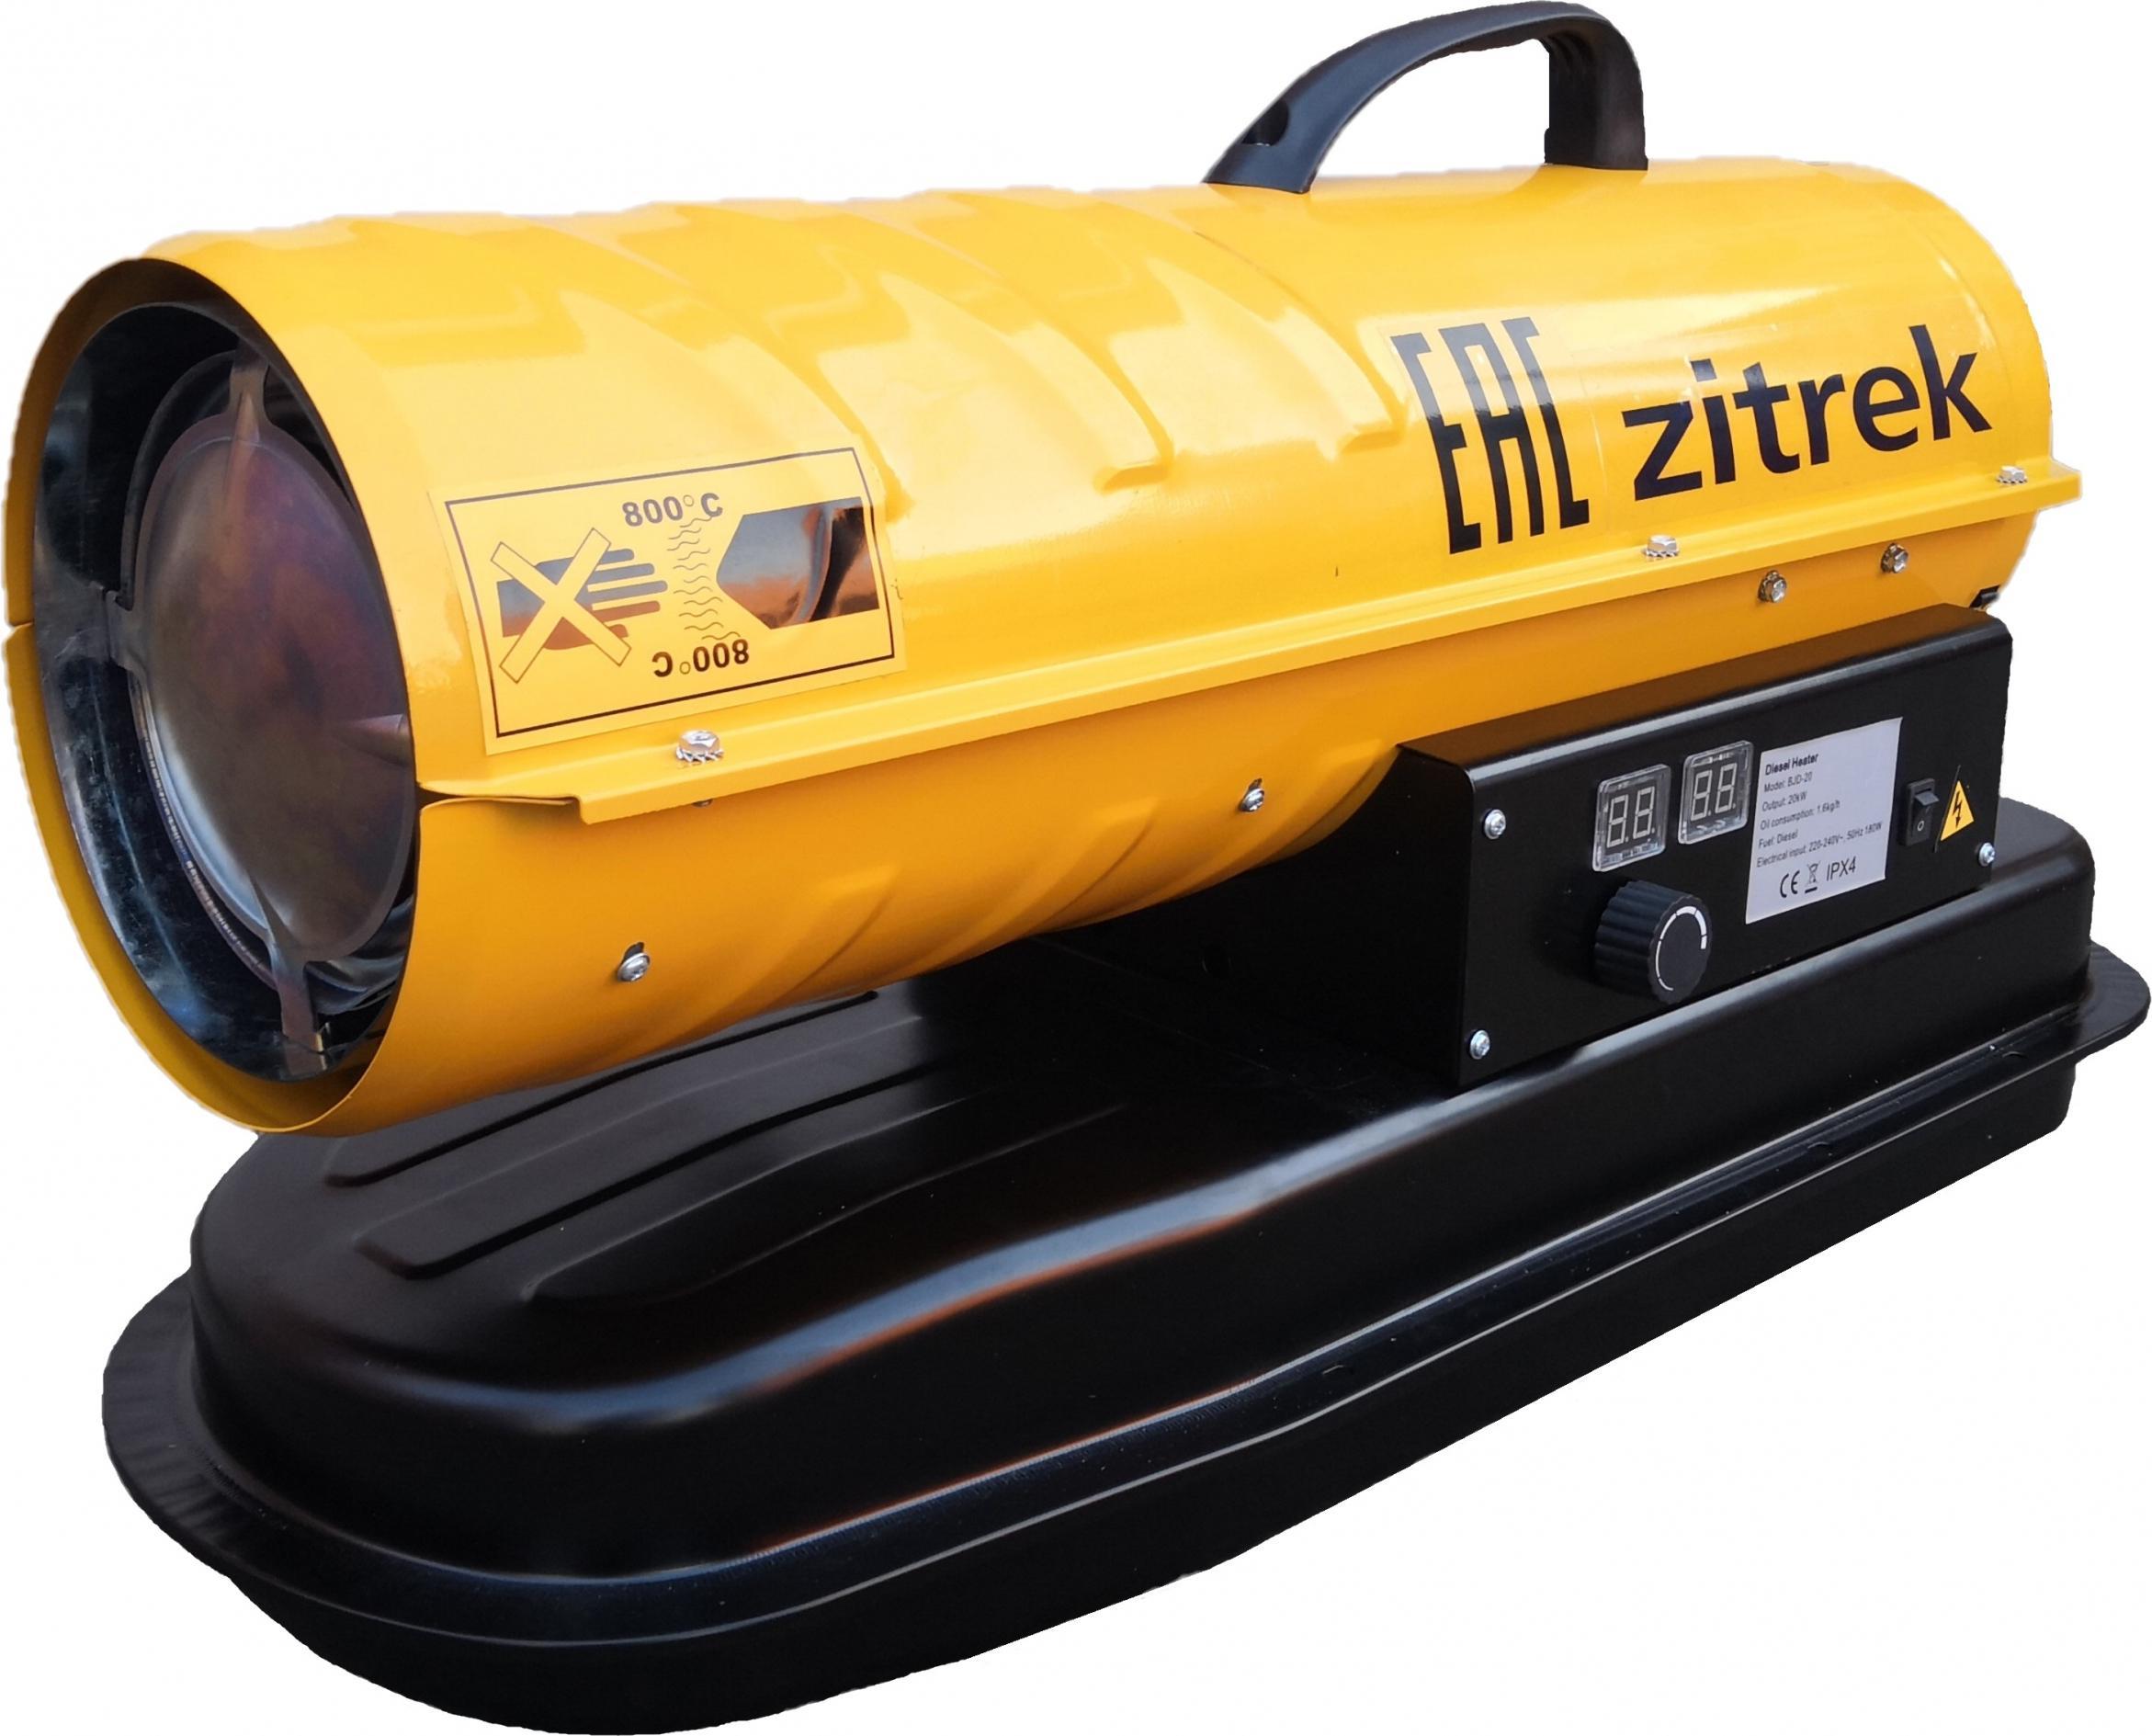 Нагреватель Zitrek Bjd-20 (070-2816-1)